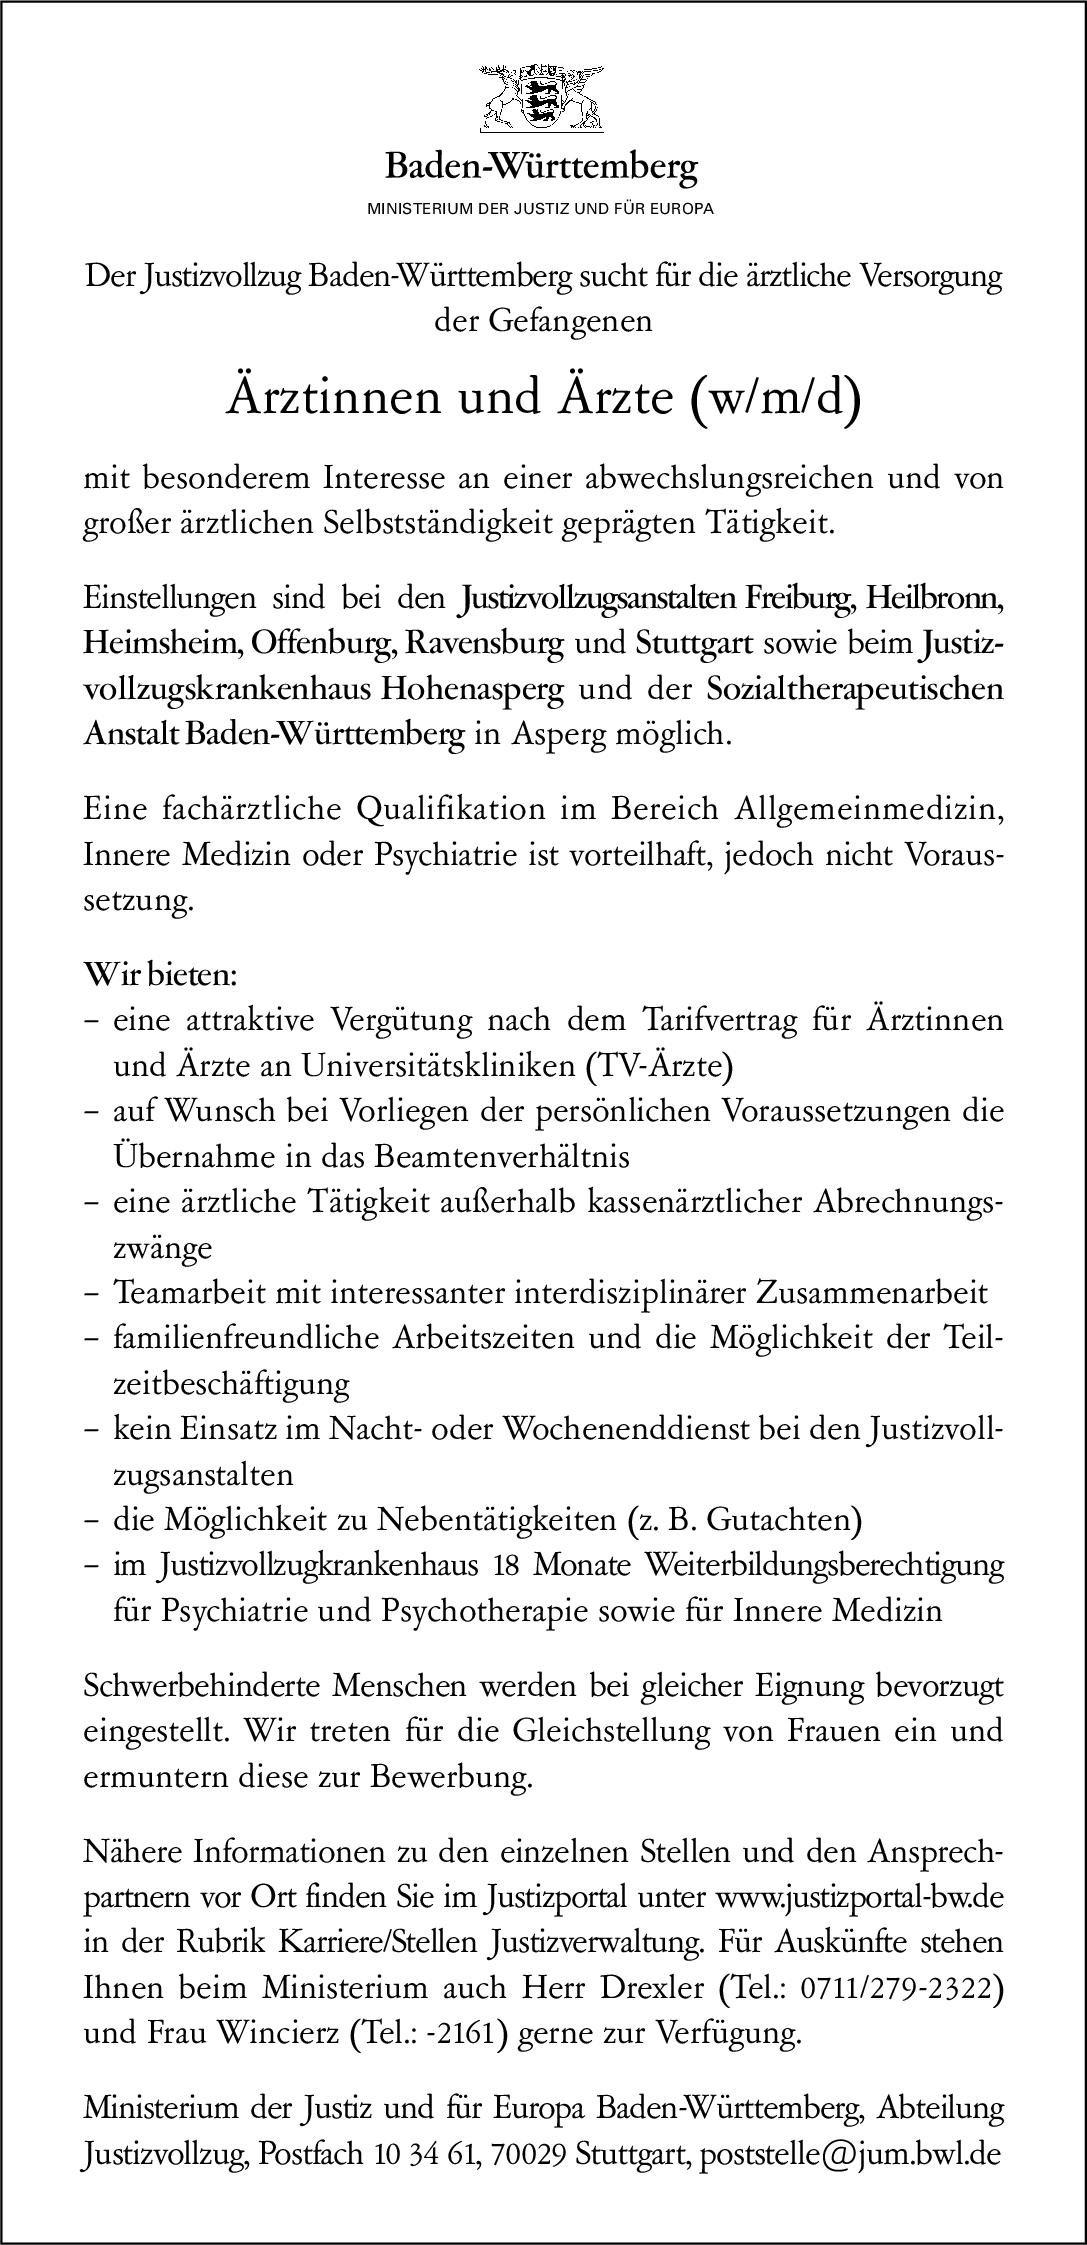 Justizvollzug Baden-Württemberg Ärztinnen und Ärzte (w/m/d)  Innere Medizin, Psychiatrie und Psychotherapie, * andere Gebiete Arzt / Facharzt